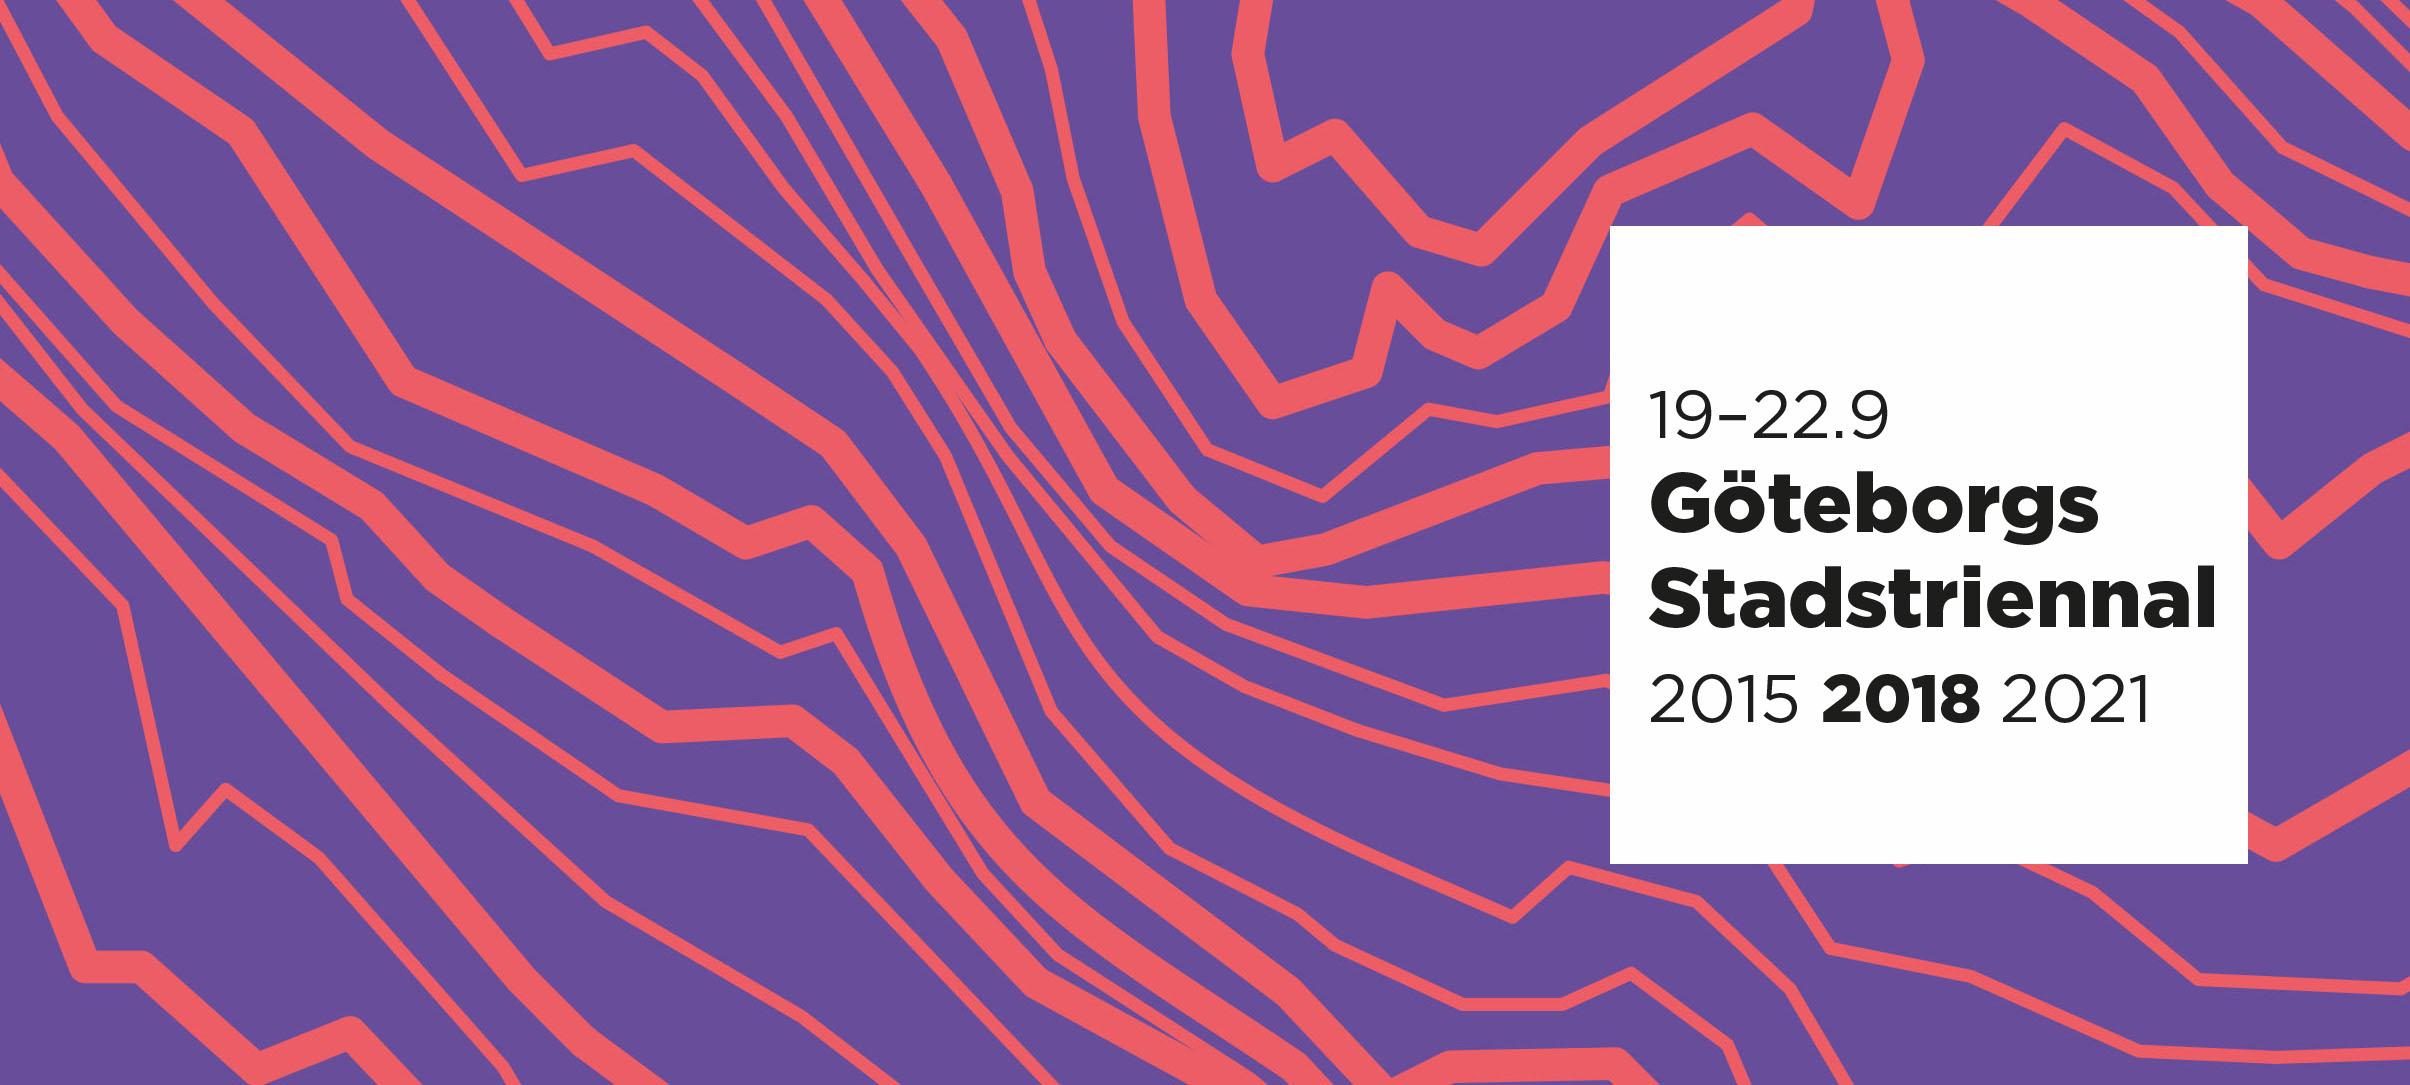 Göteborg Konst bjuder in till dag om offentlig konst under